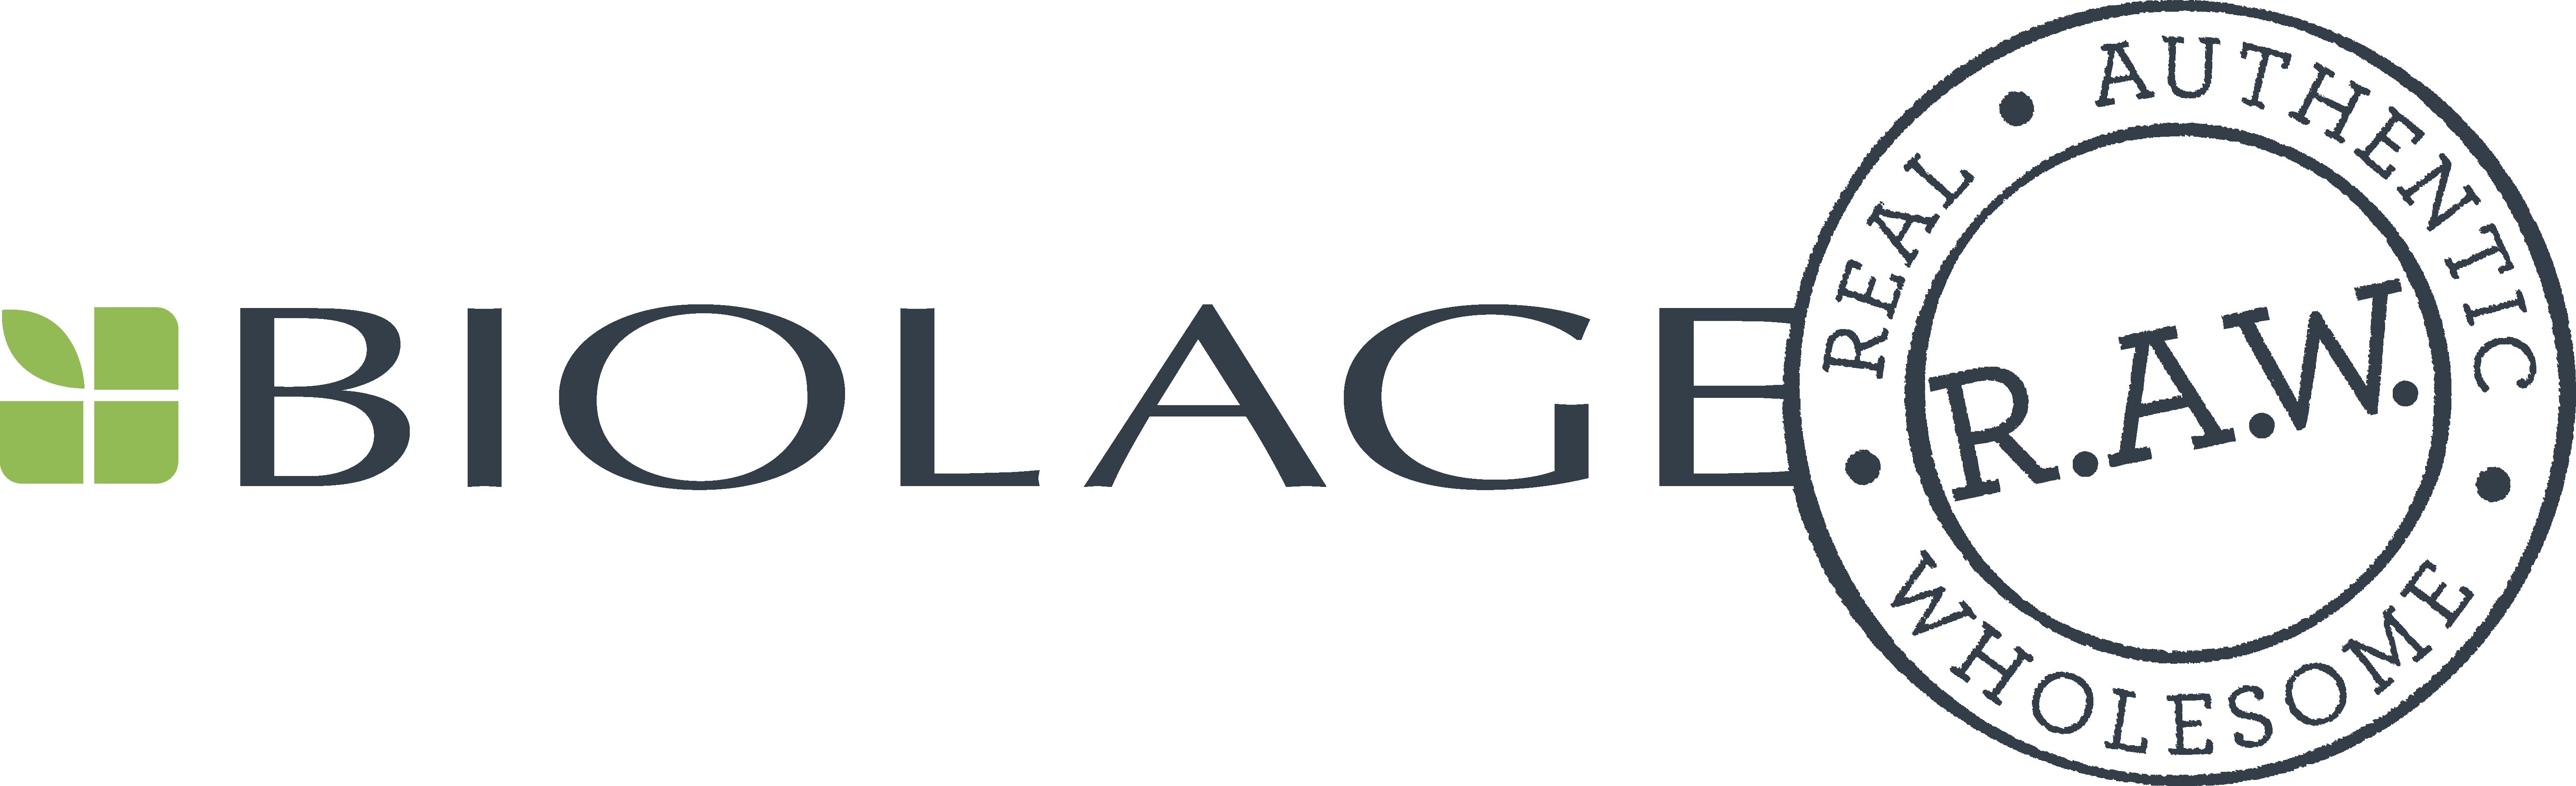 Biolage R.A.W logo